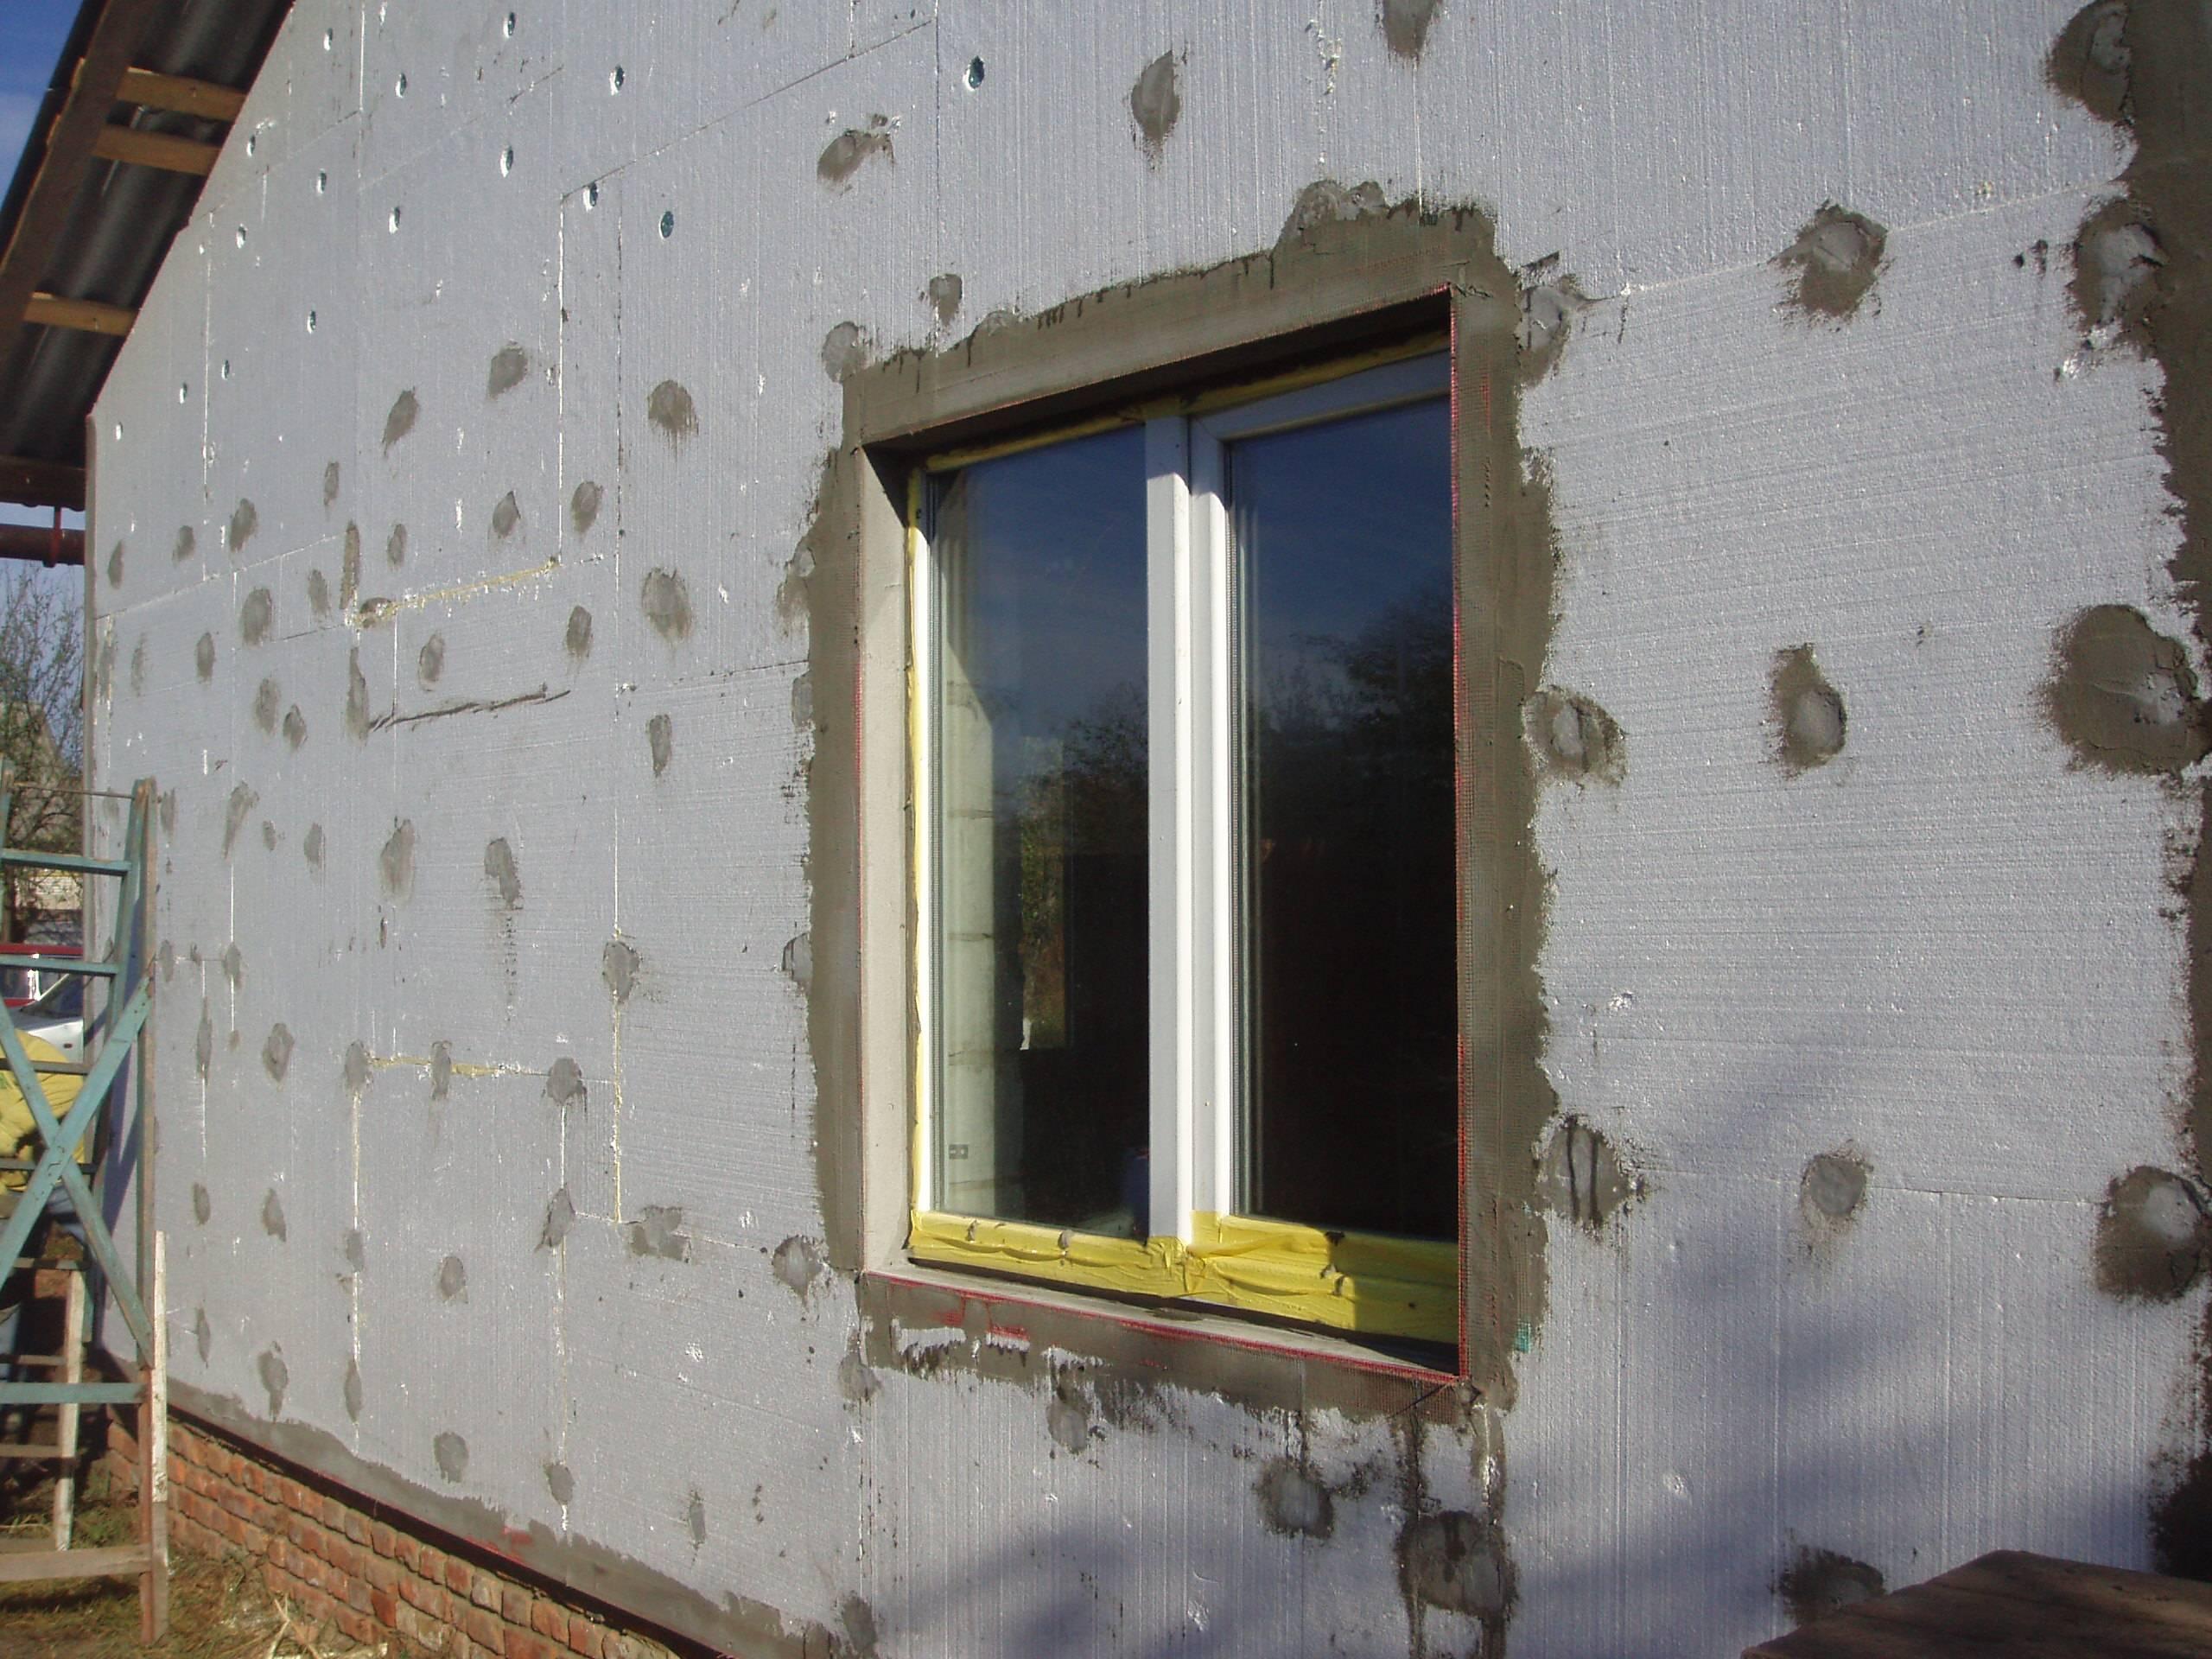 Пенополистирол технология утепления фасада своими руками